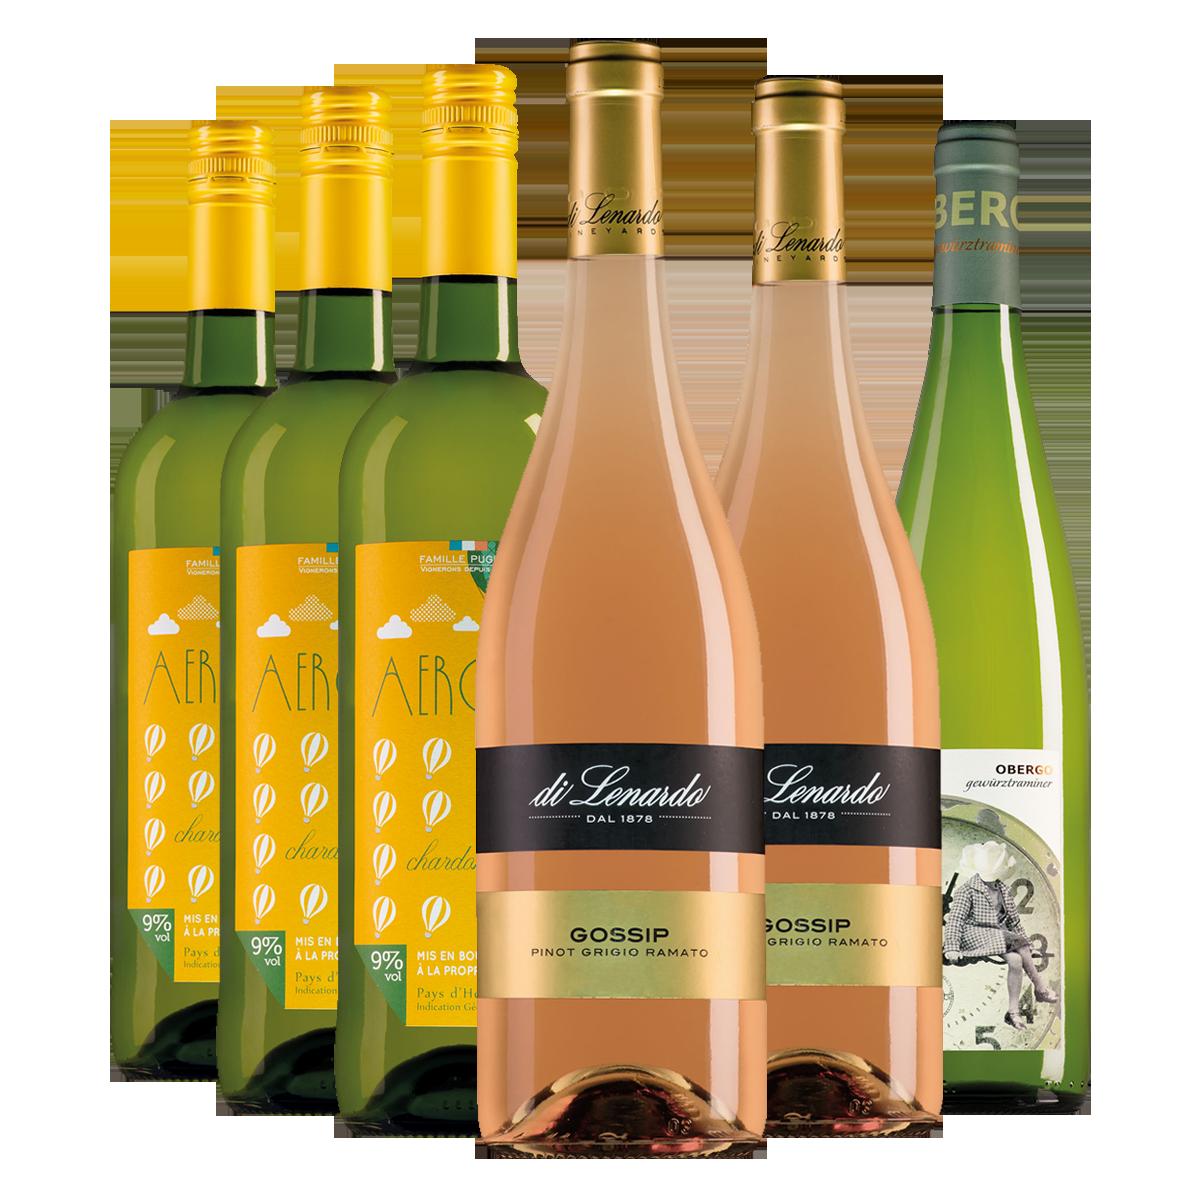 Wijnliefhebbers voordeelpakket